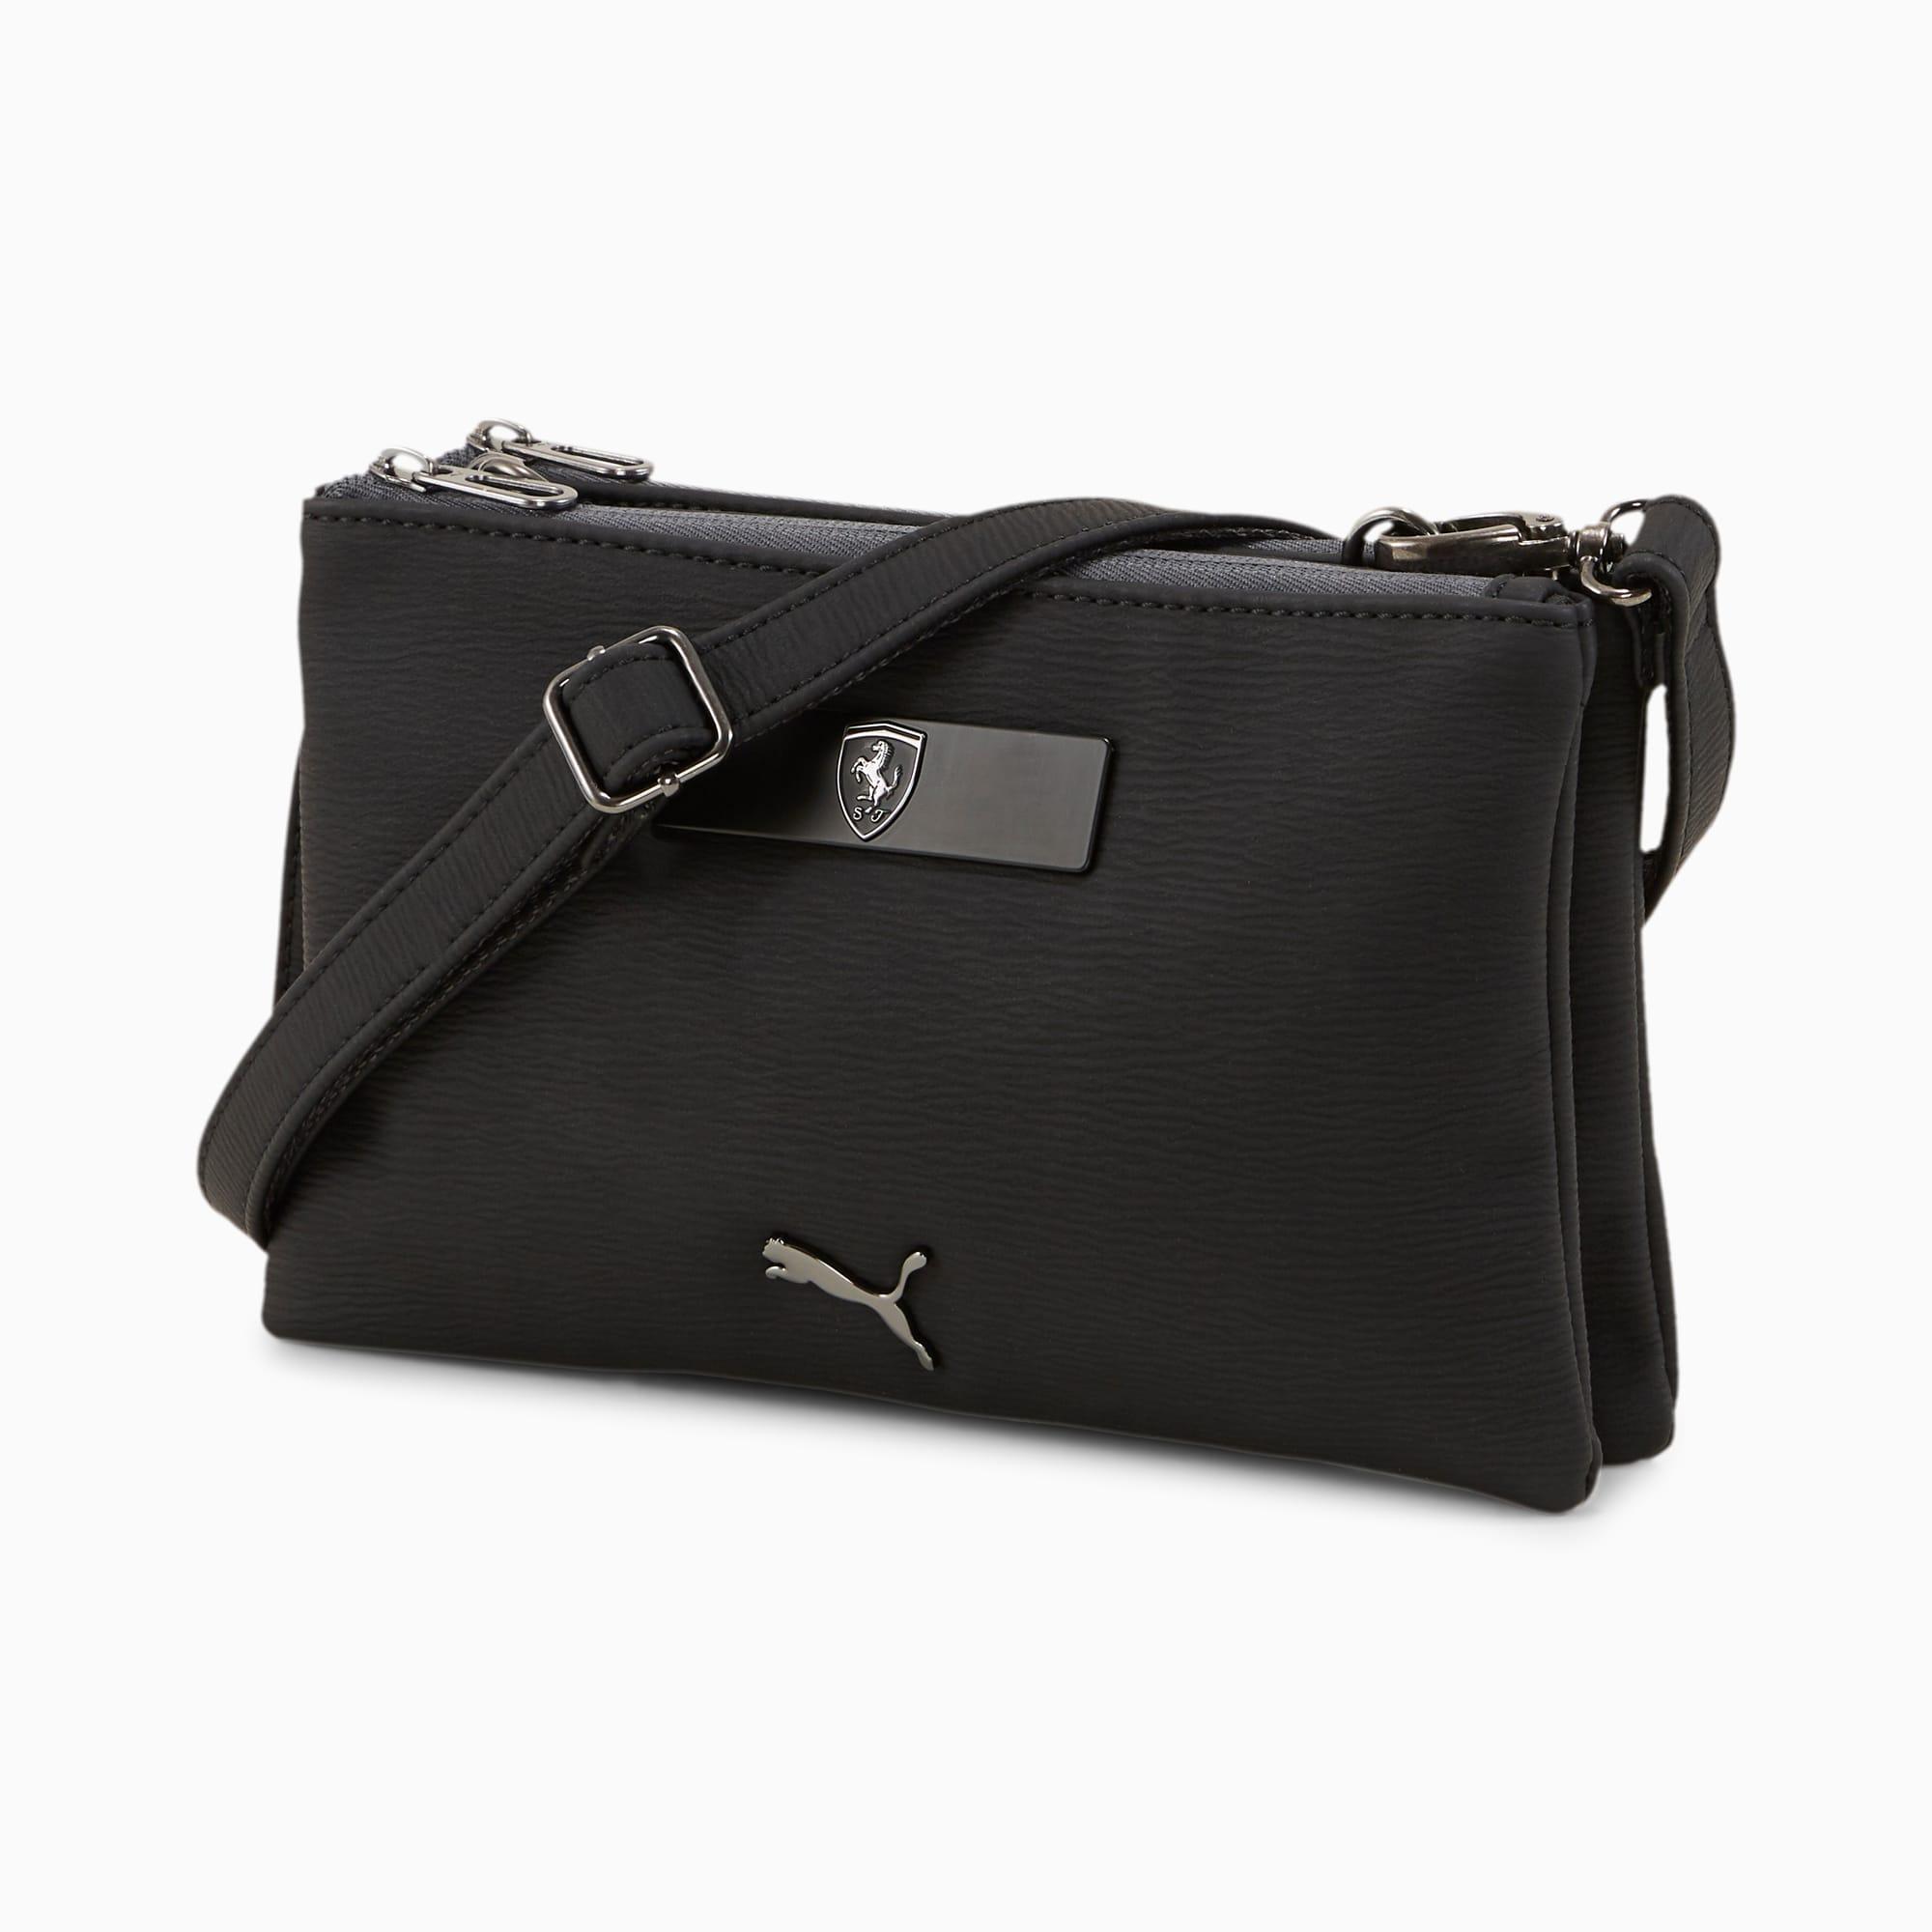 mini sac à main scuderia ferrari style pour femme, noir, accessoires